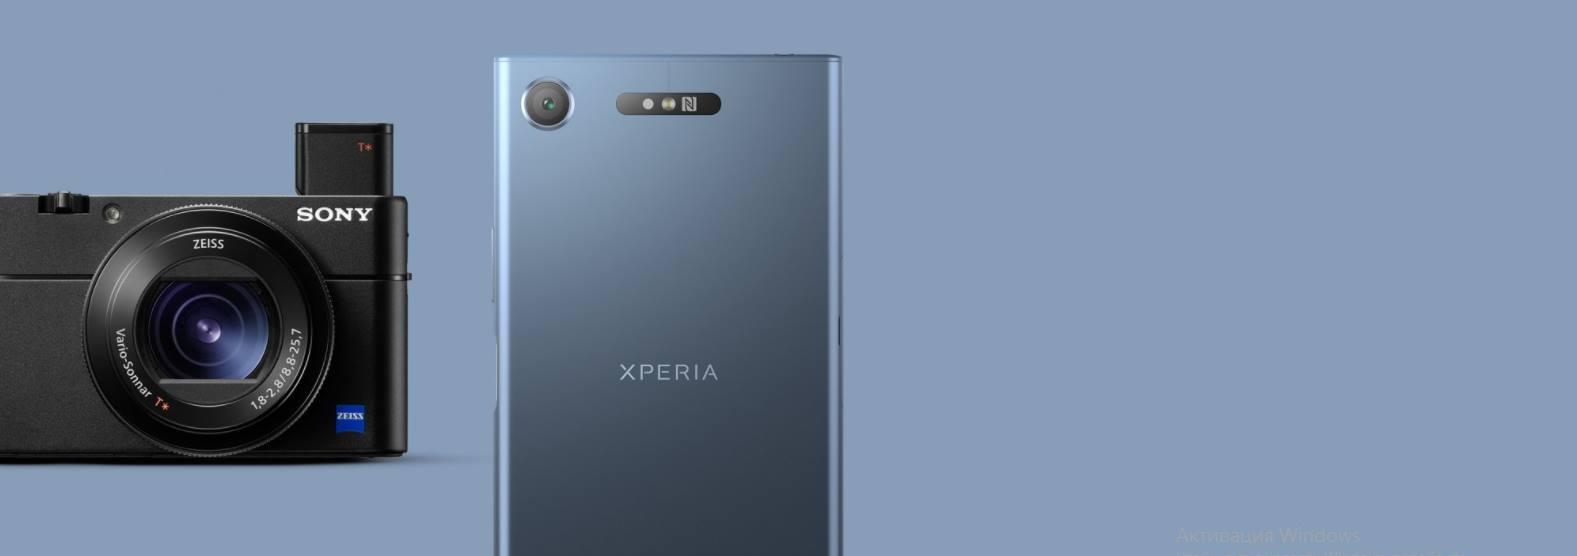 Sony Xperia XZ1 (6)